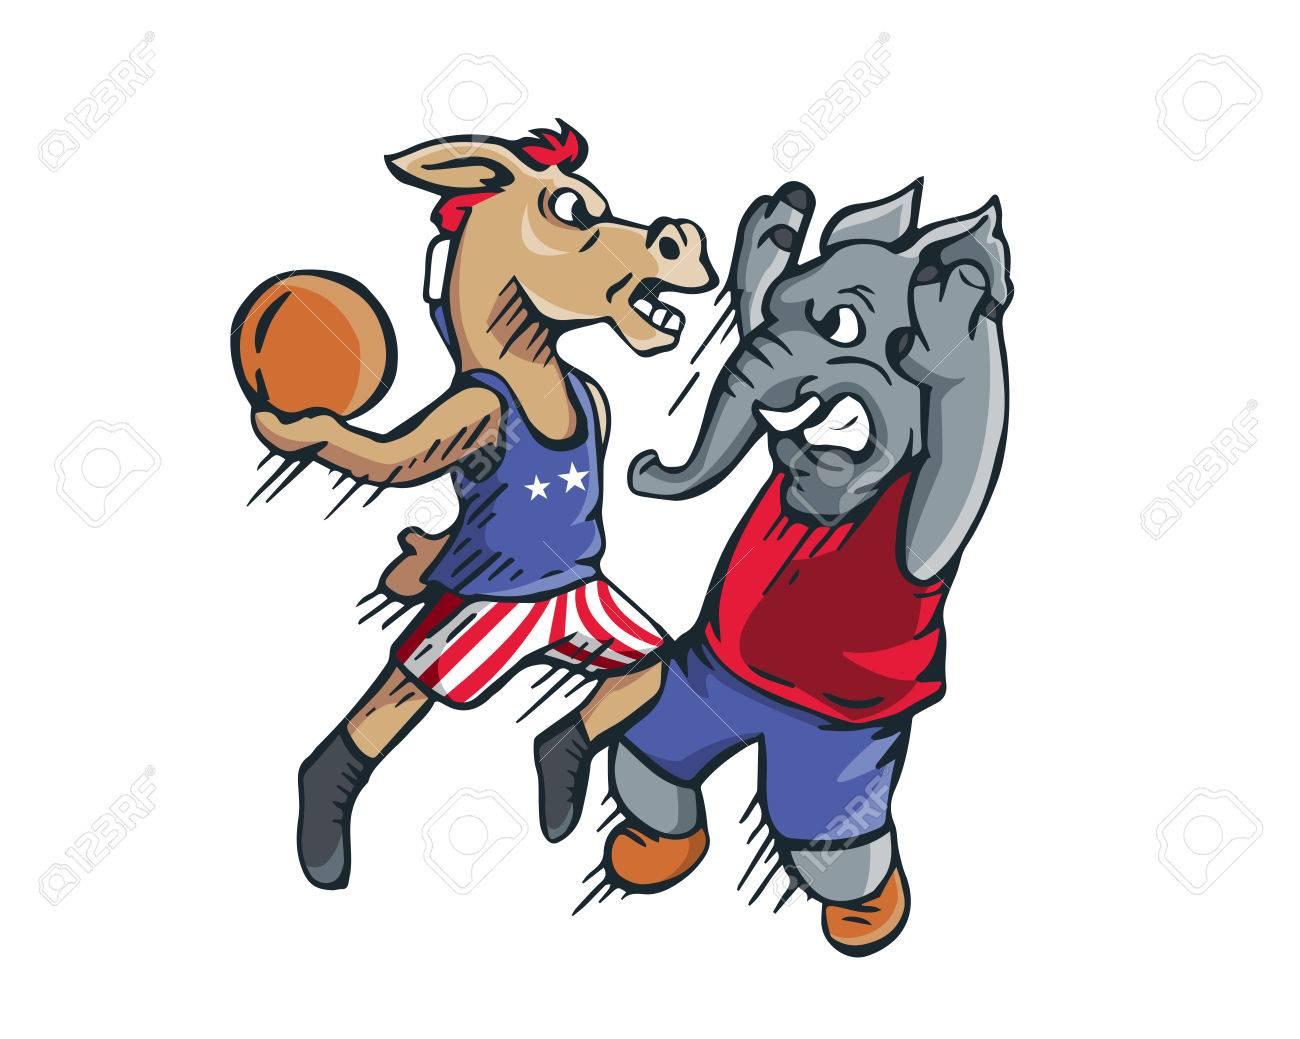 Eeuu Demócrata Republicano Vs Elección 2016 De Dibujos Animados